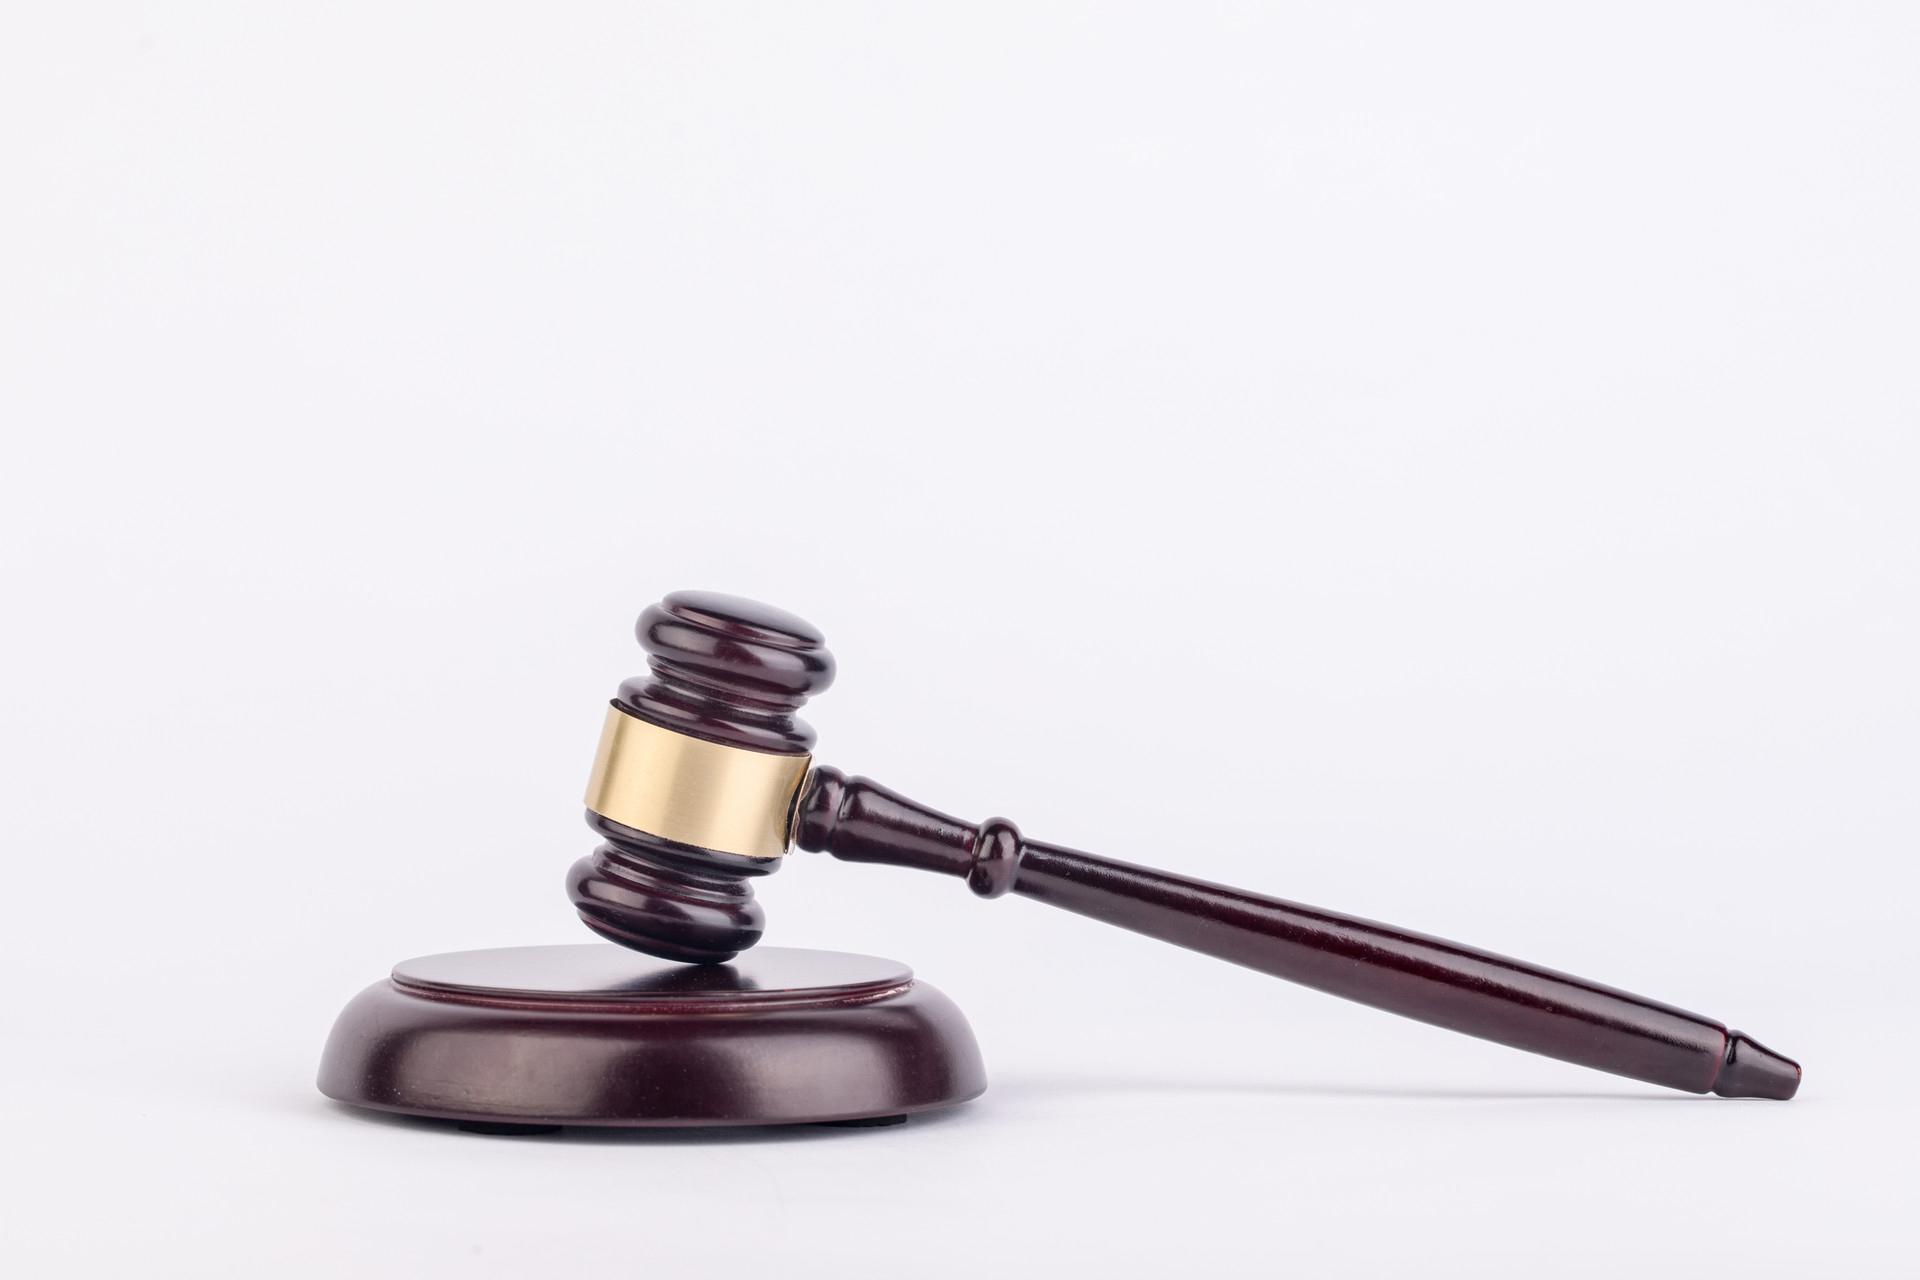 《物业群里有业主谩骂其他业主,物业公司要担责吗?法院这样判......》